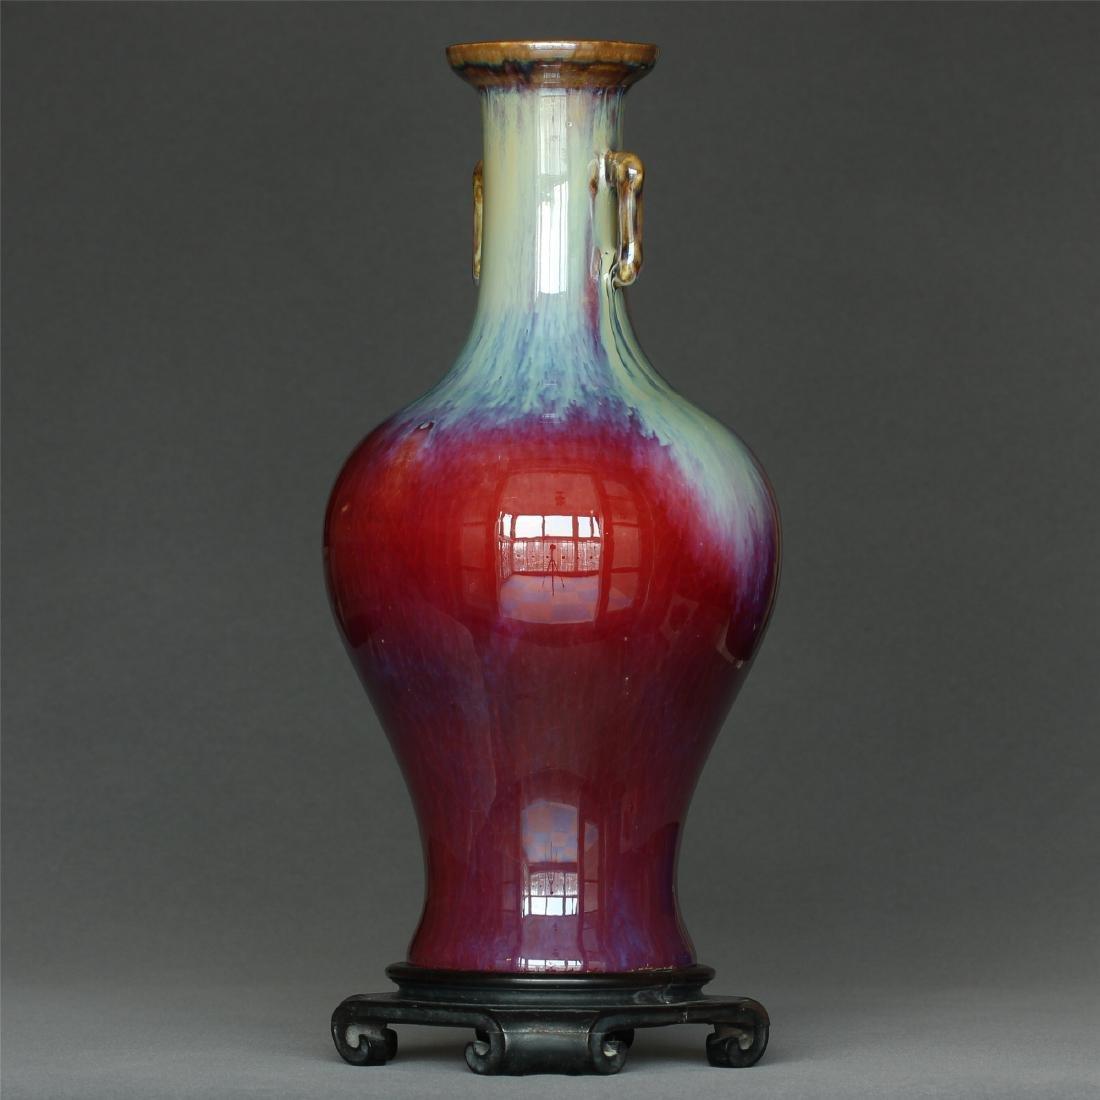 Red glaze discoloration porcelain vase of Qing Dynasty - 5